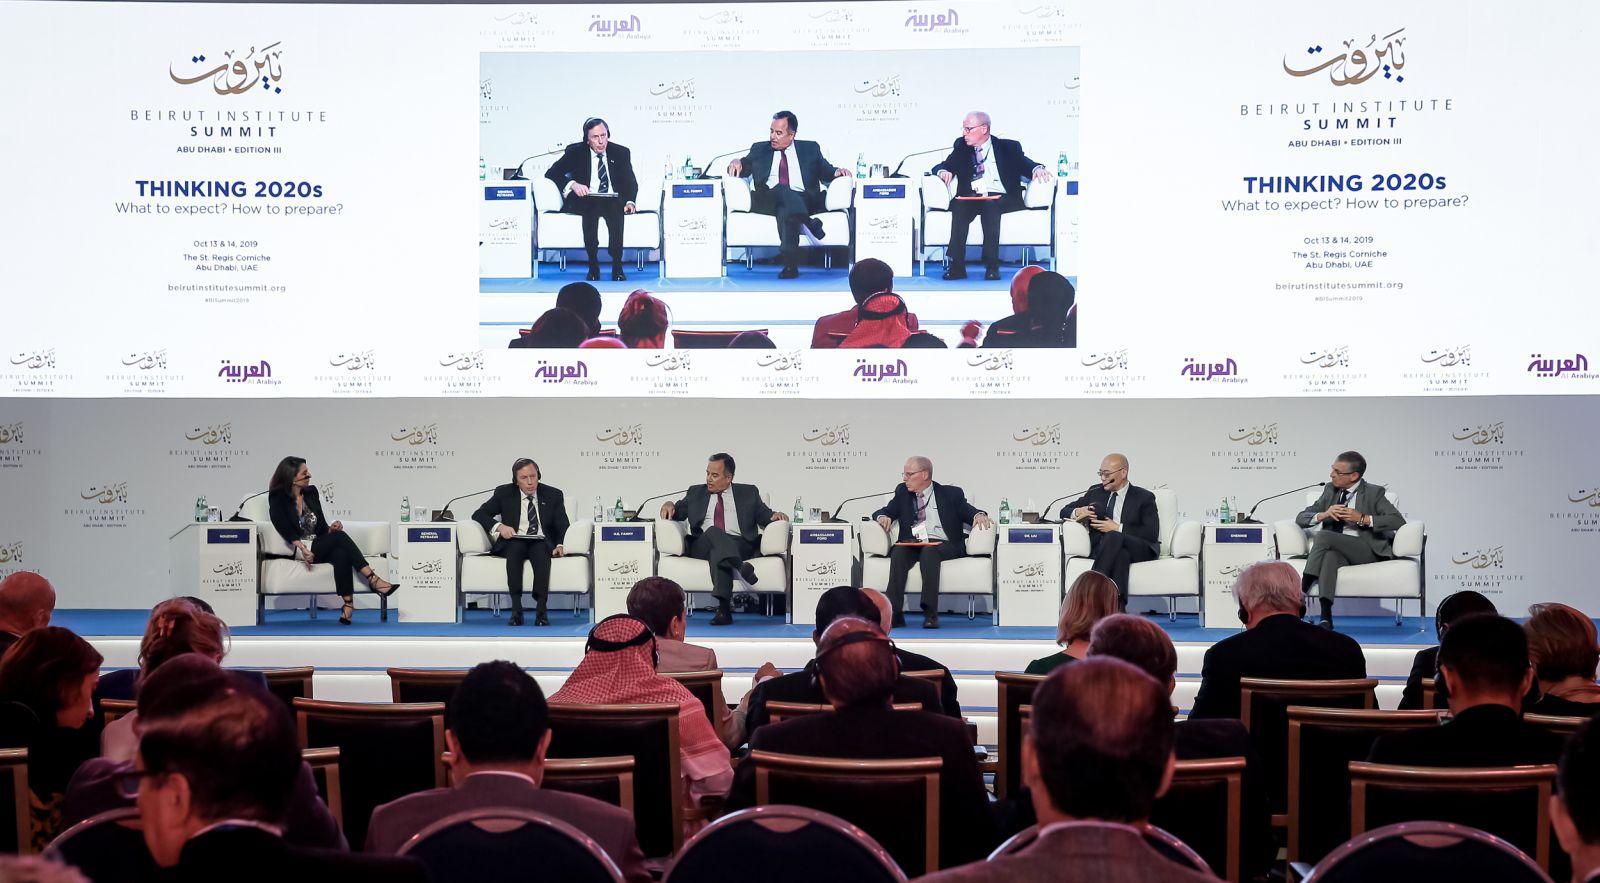 الجلسة الثانية: اقتصاديات الجغرافيا الجيوسياسية في الشرق الأوسط